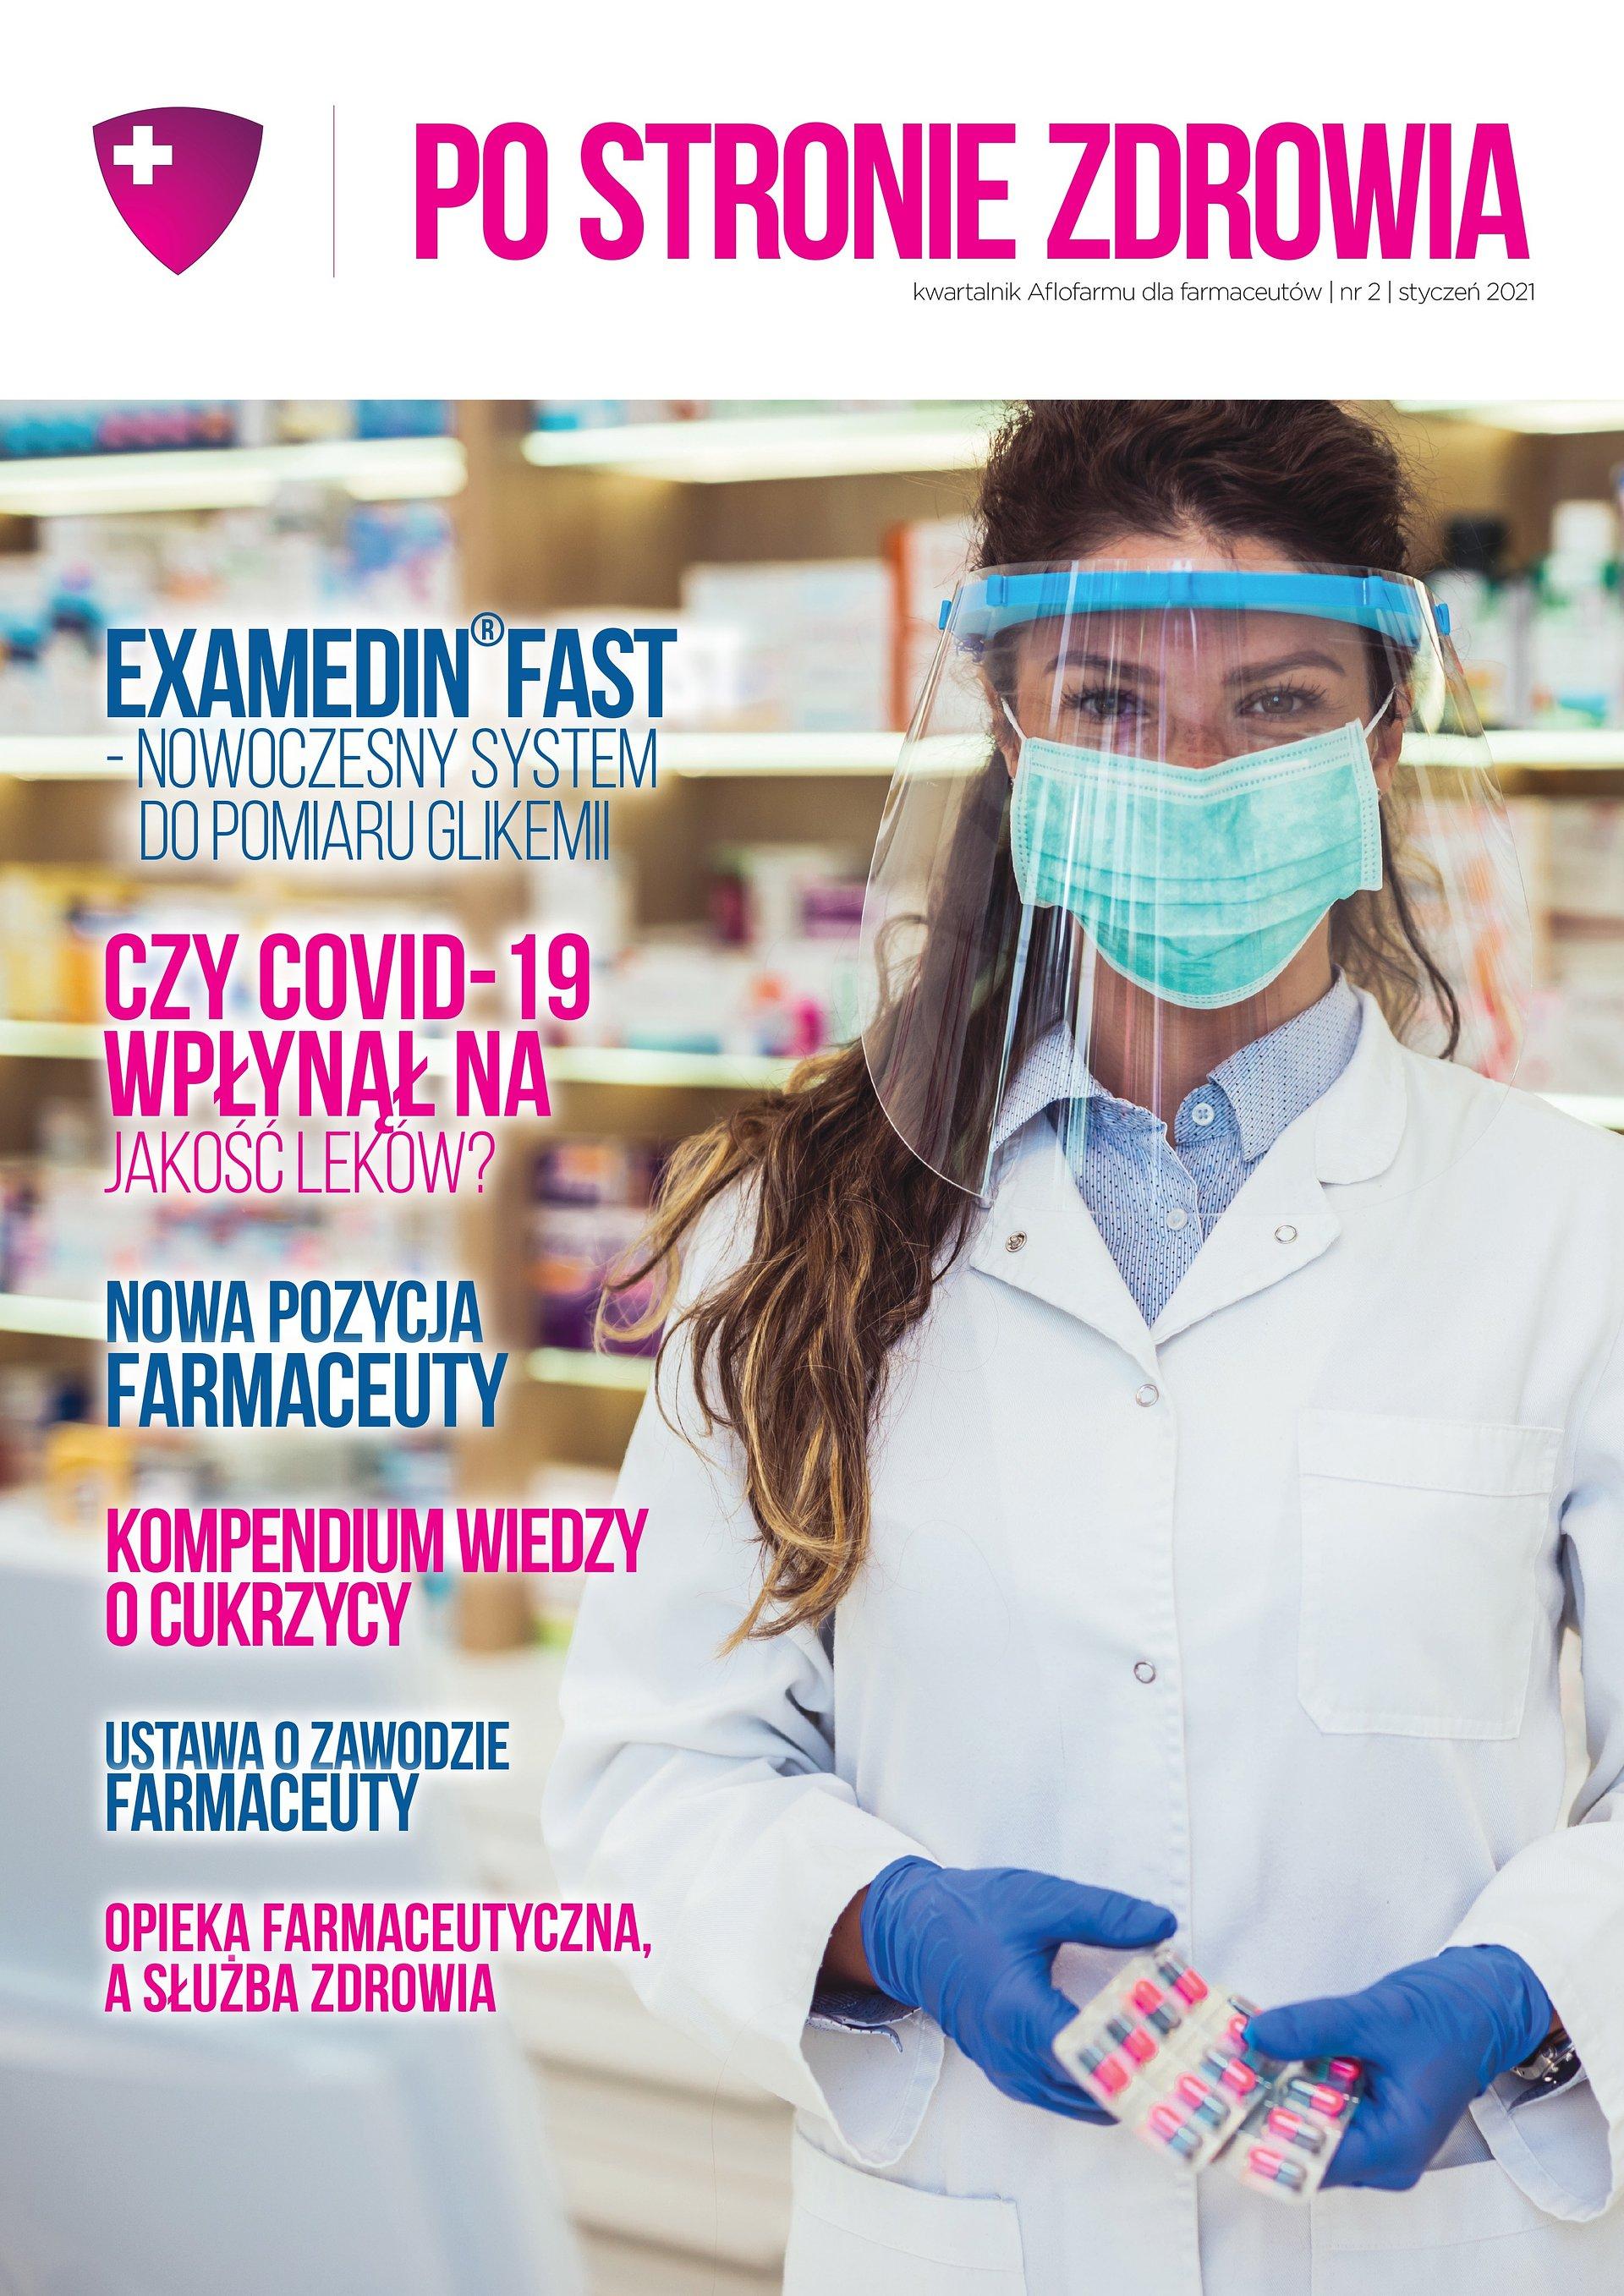 Kwartalnik dla farmaceutów - wydanie 2